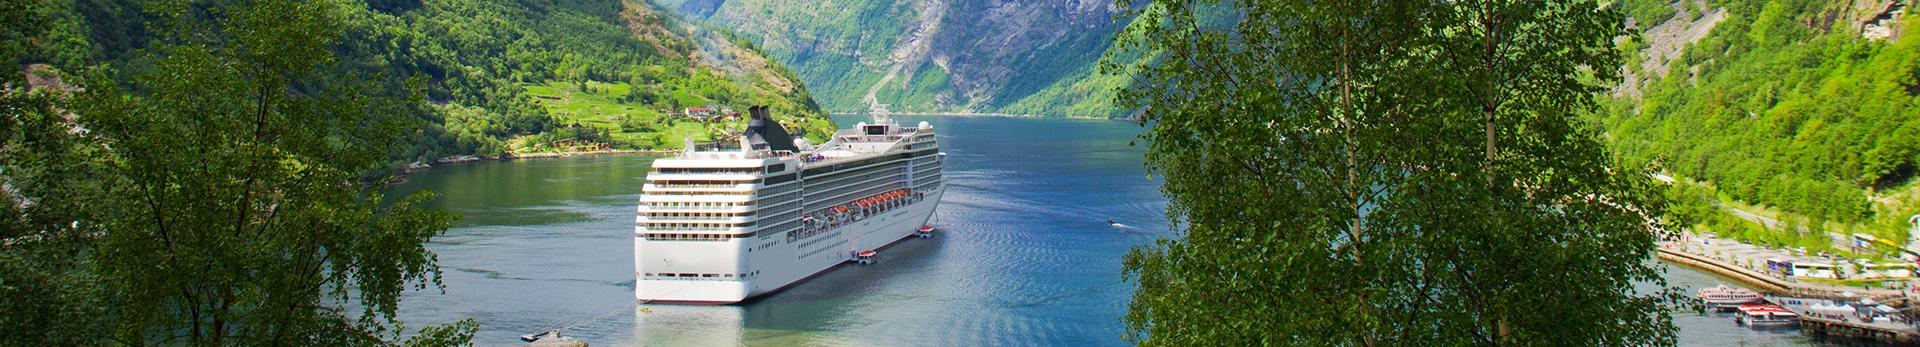 cruise-gemi-turlari-2